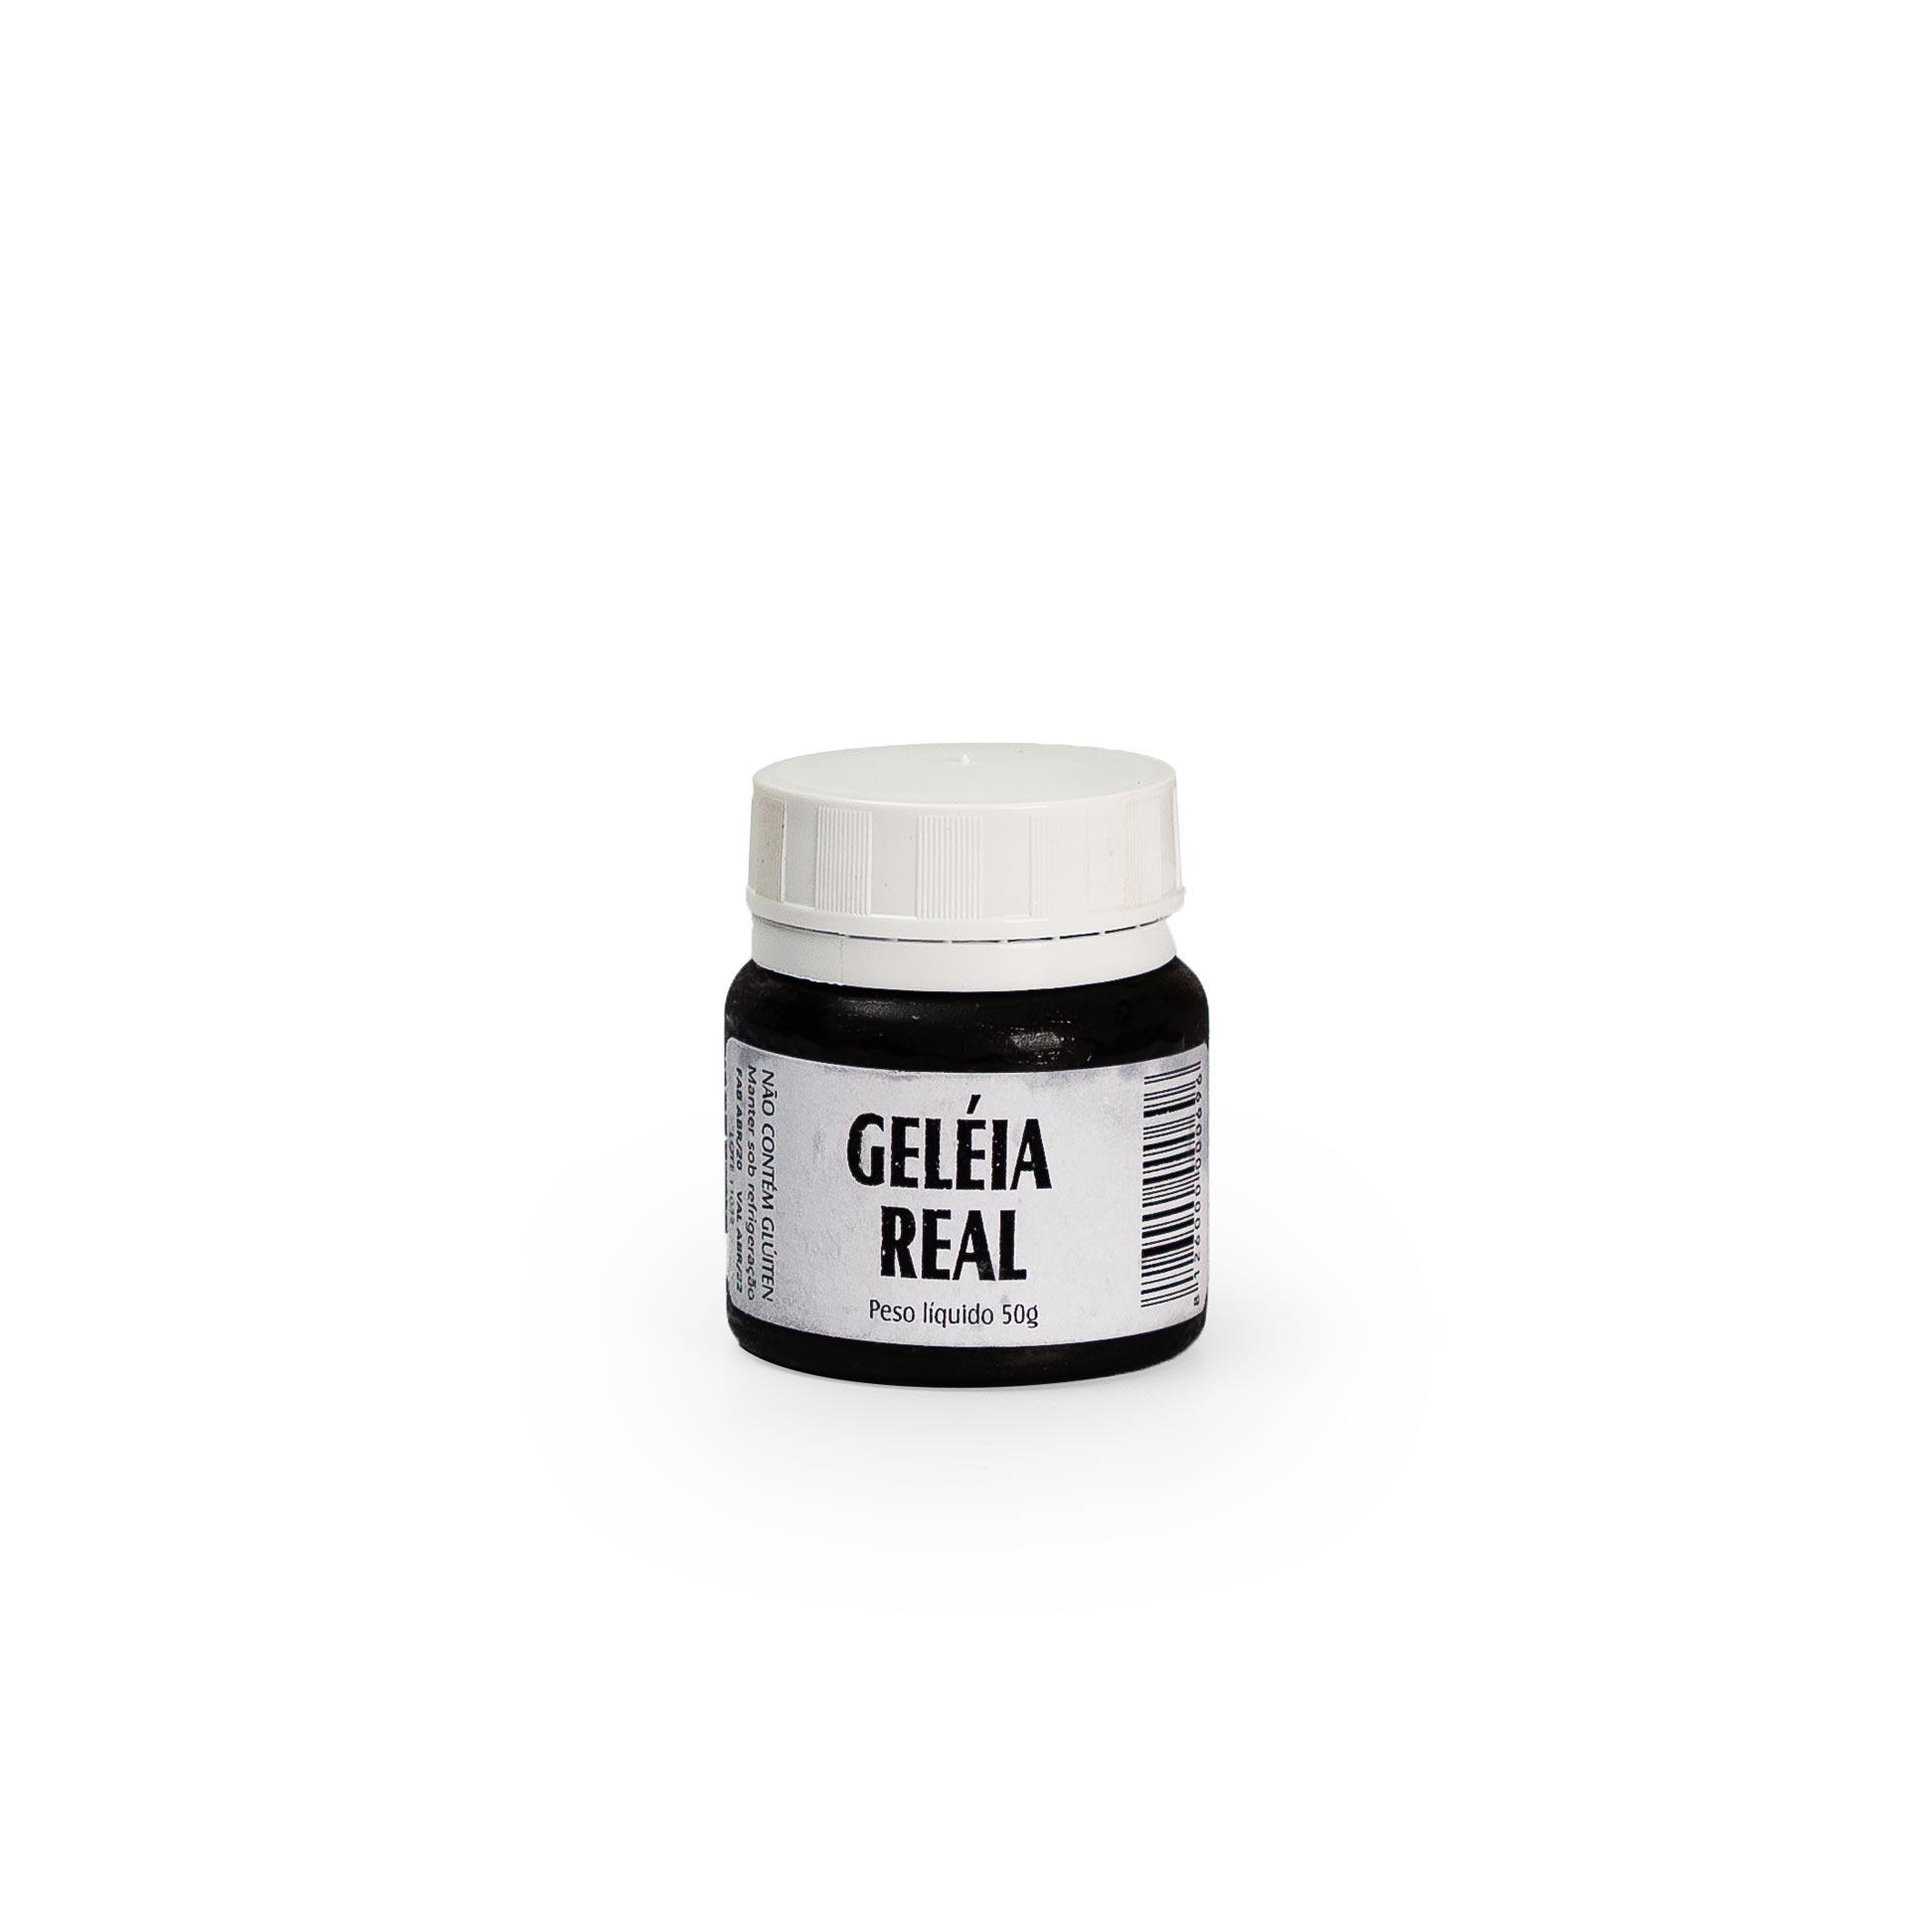 Geleia real 50g - com embalagem térmica